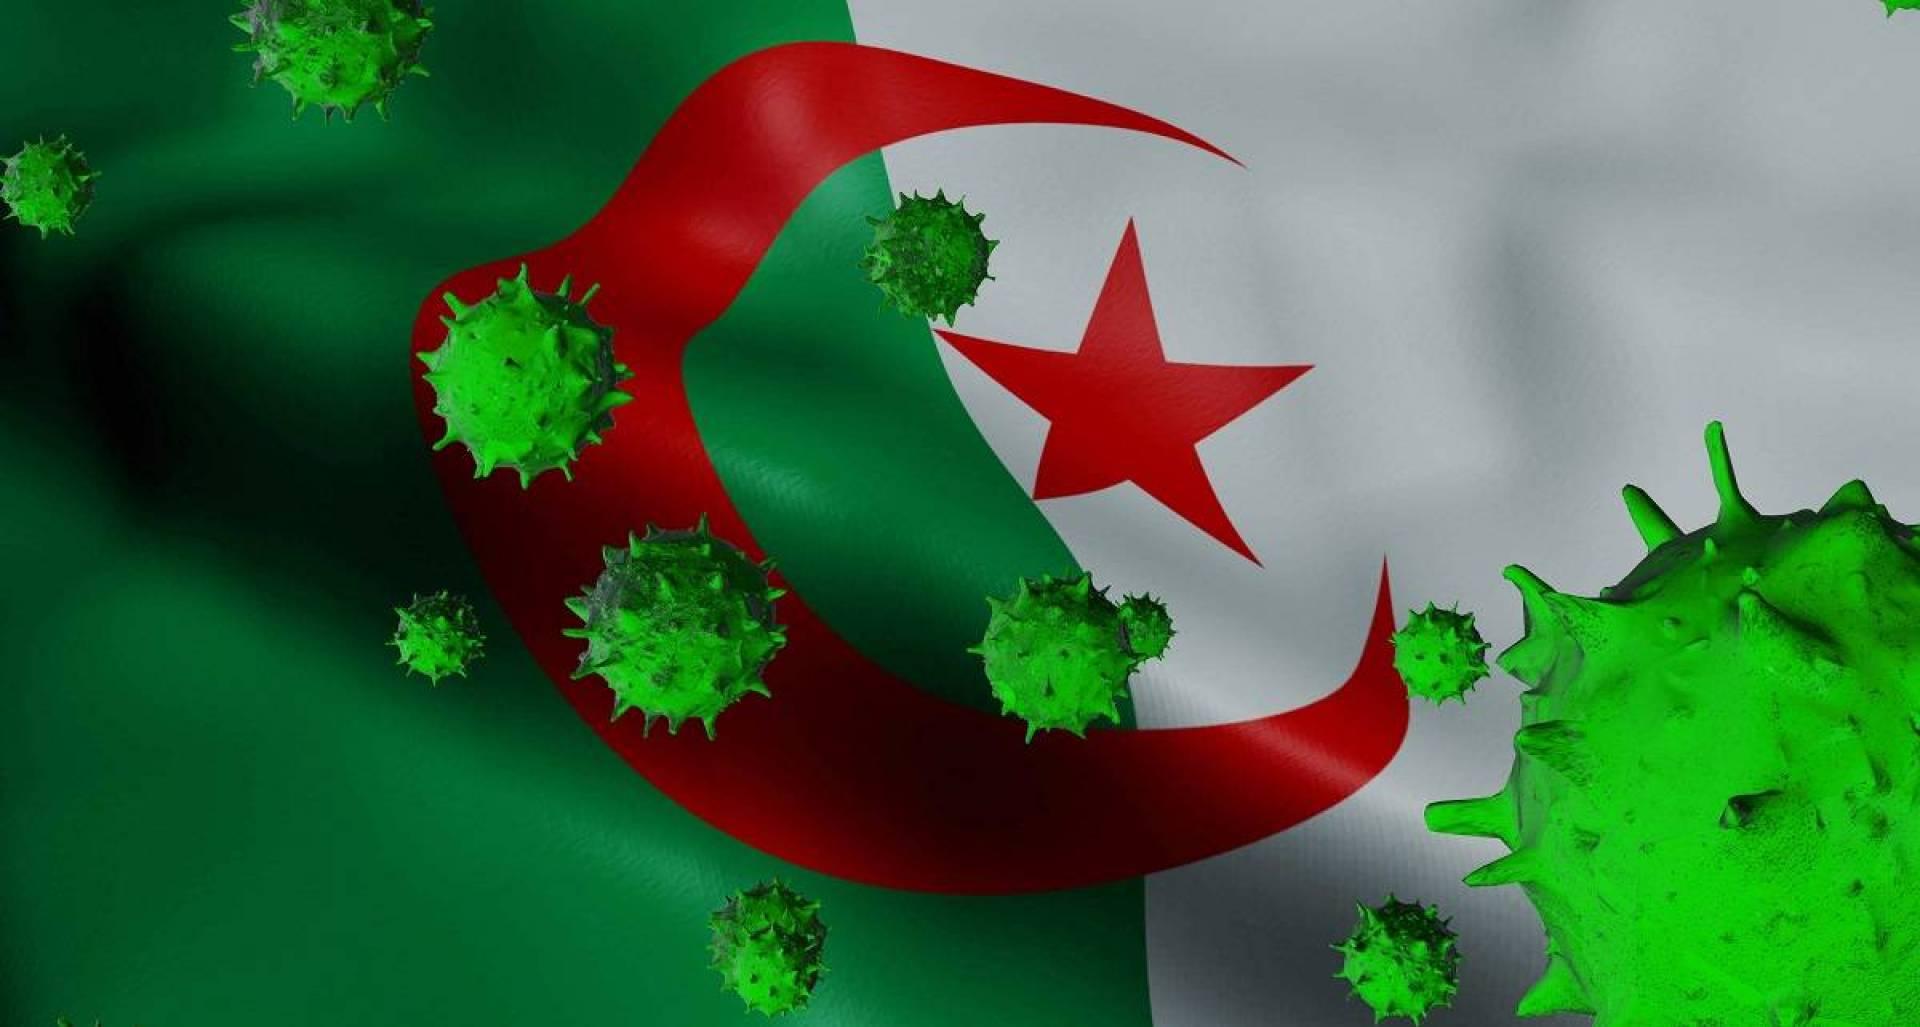 الجزائر.. تسجيل 8 حالات وفاة جديدة ليرتفع إجمالي الوفيات إلى 661